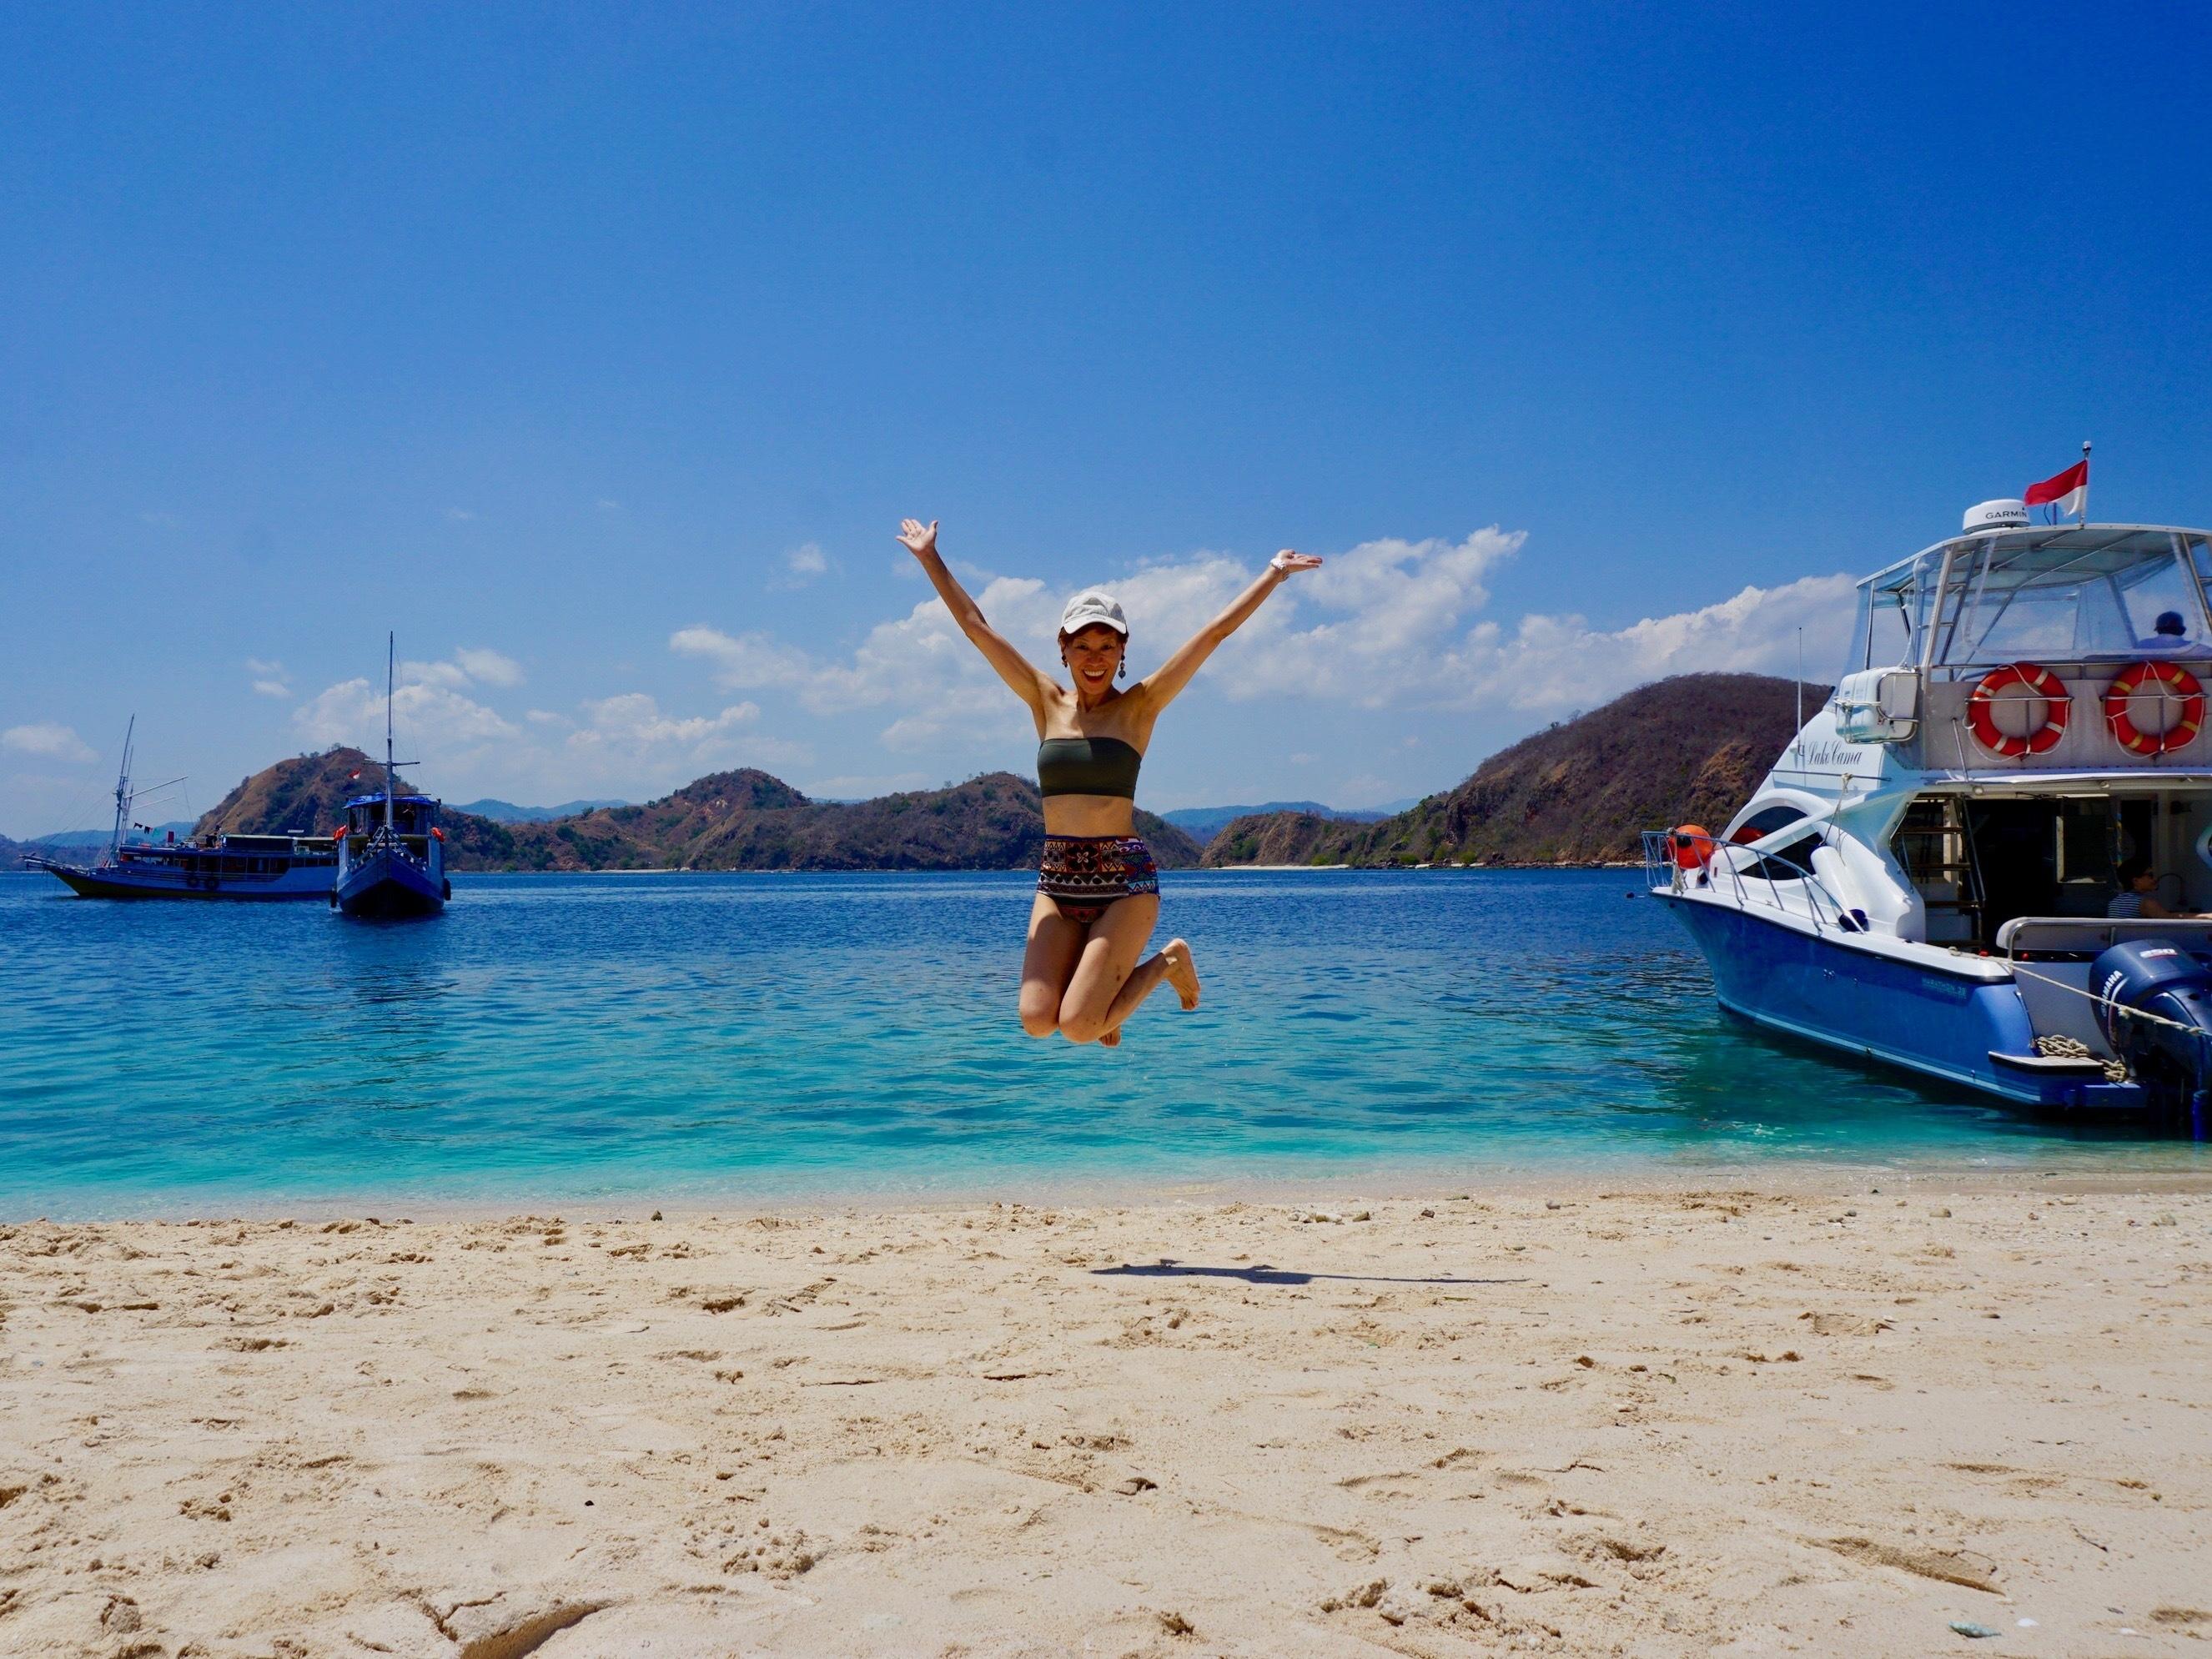 30代女子リゾート旅おすすめNo.1【コモド島 インドネシア】に冒険すべき理由14